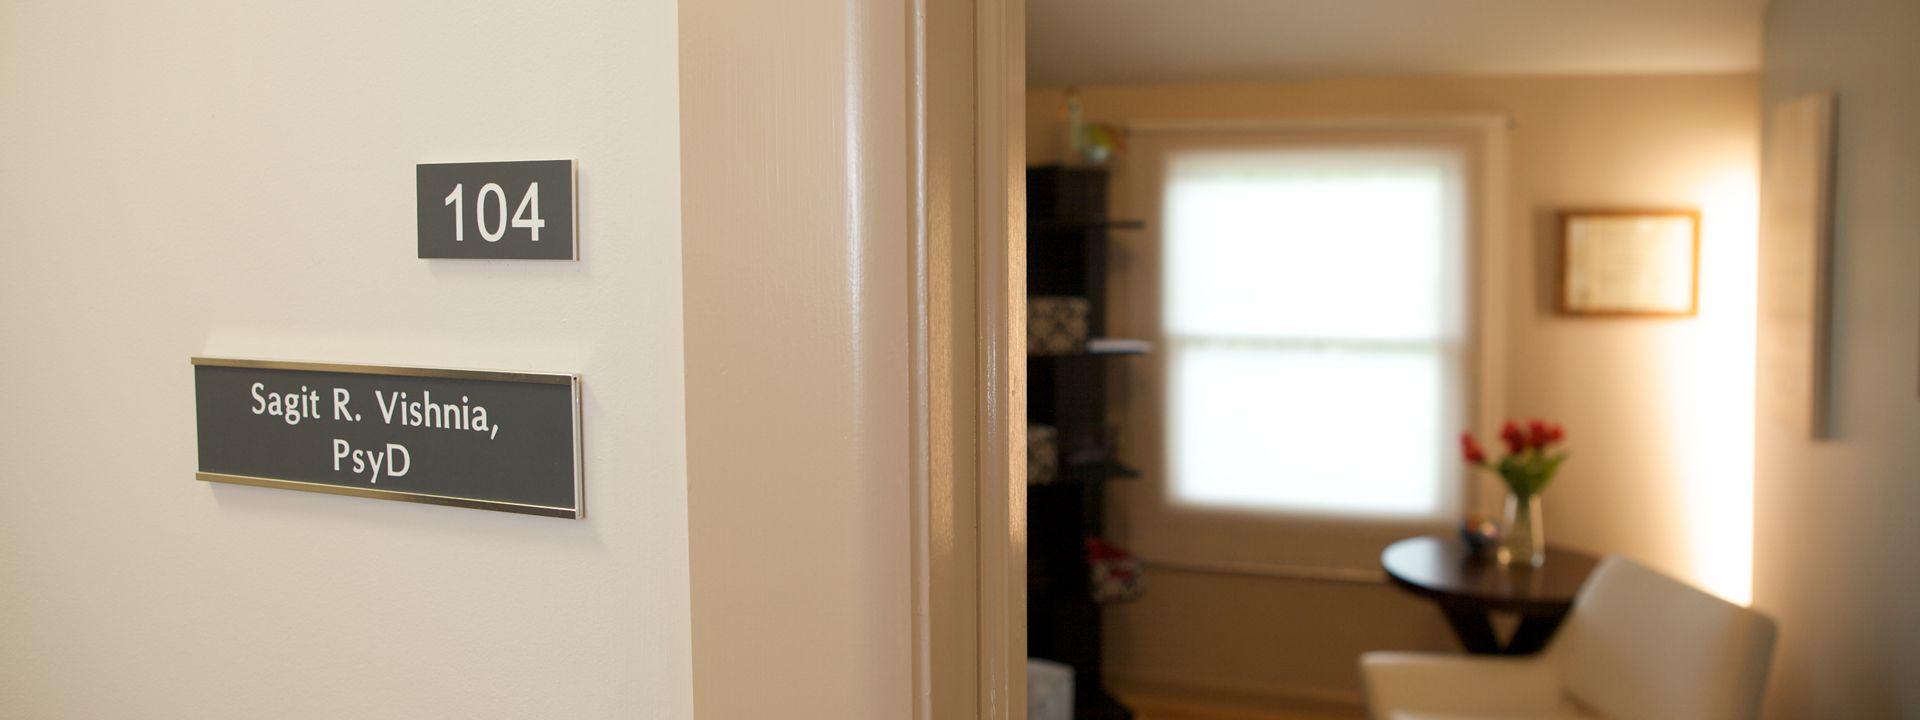 Office-door